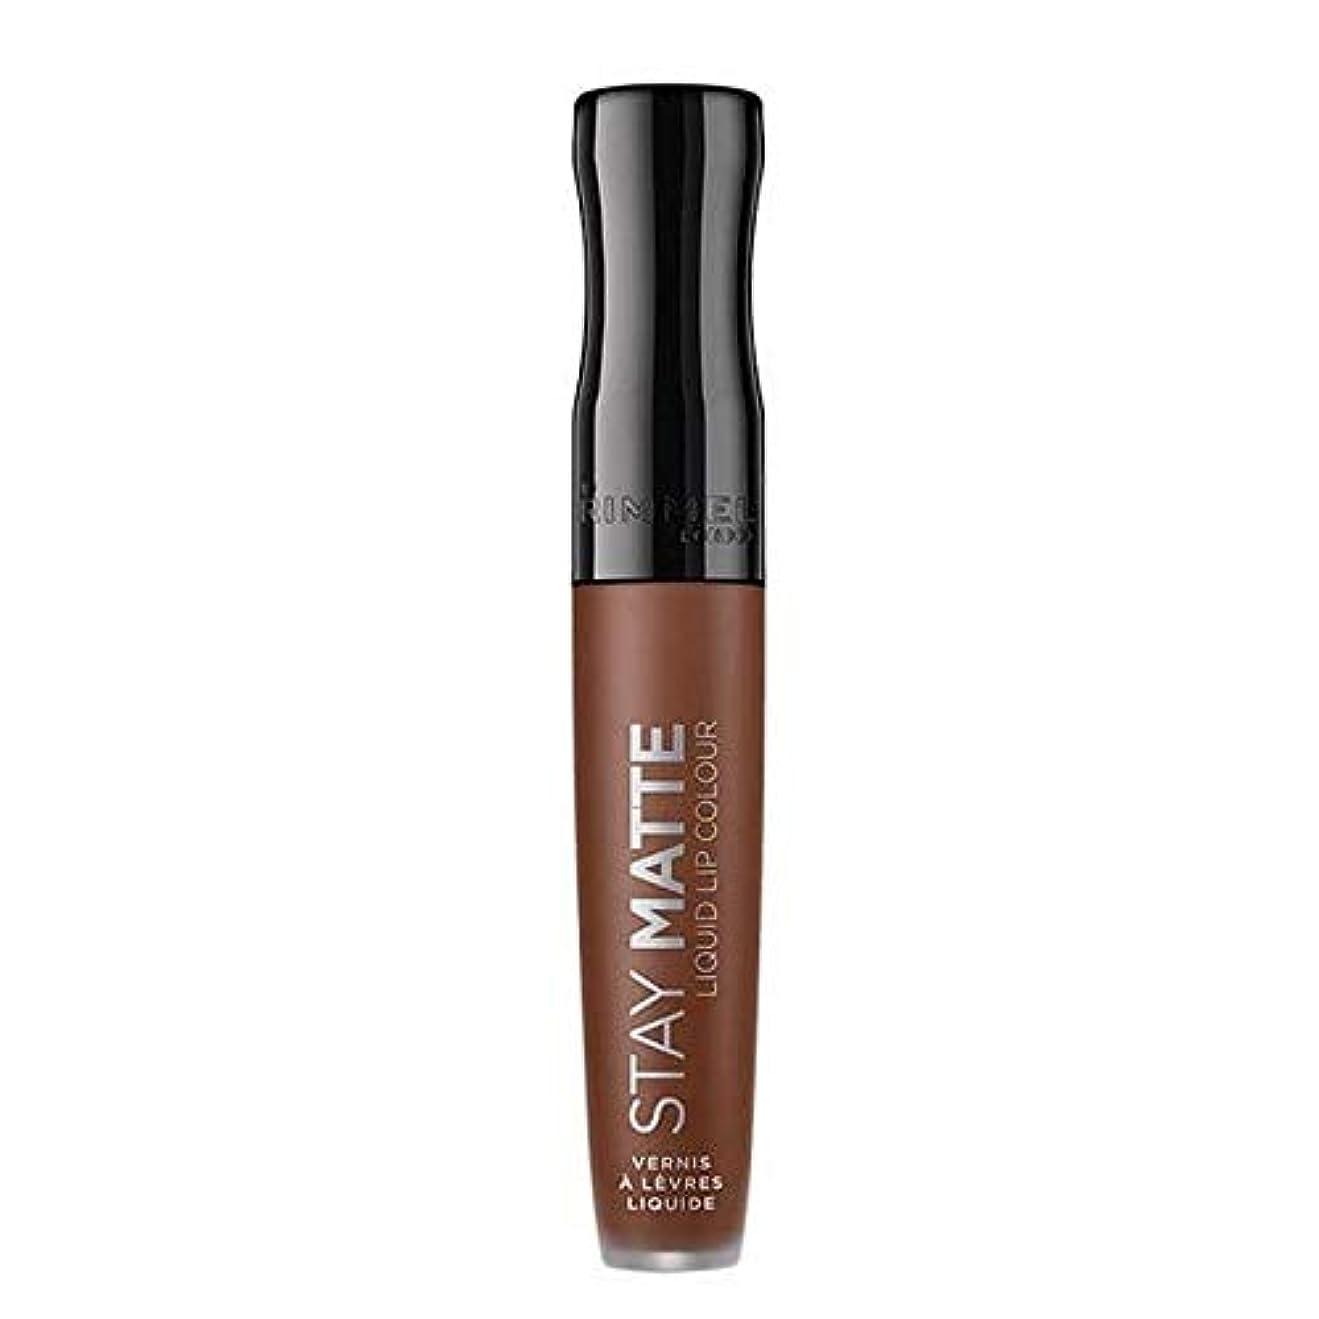 量つぼみ支配的[Rimmel ] スキャンダラスリンメルステイマット液体リップ口紅 - Rimmel Stay Matte Liquid Lip Lipstick Scandalous [並行輸入品]